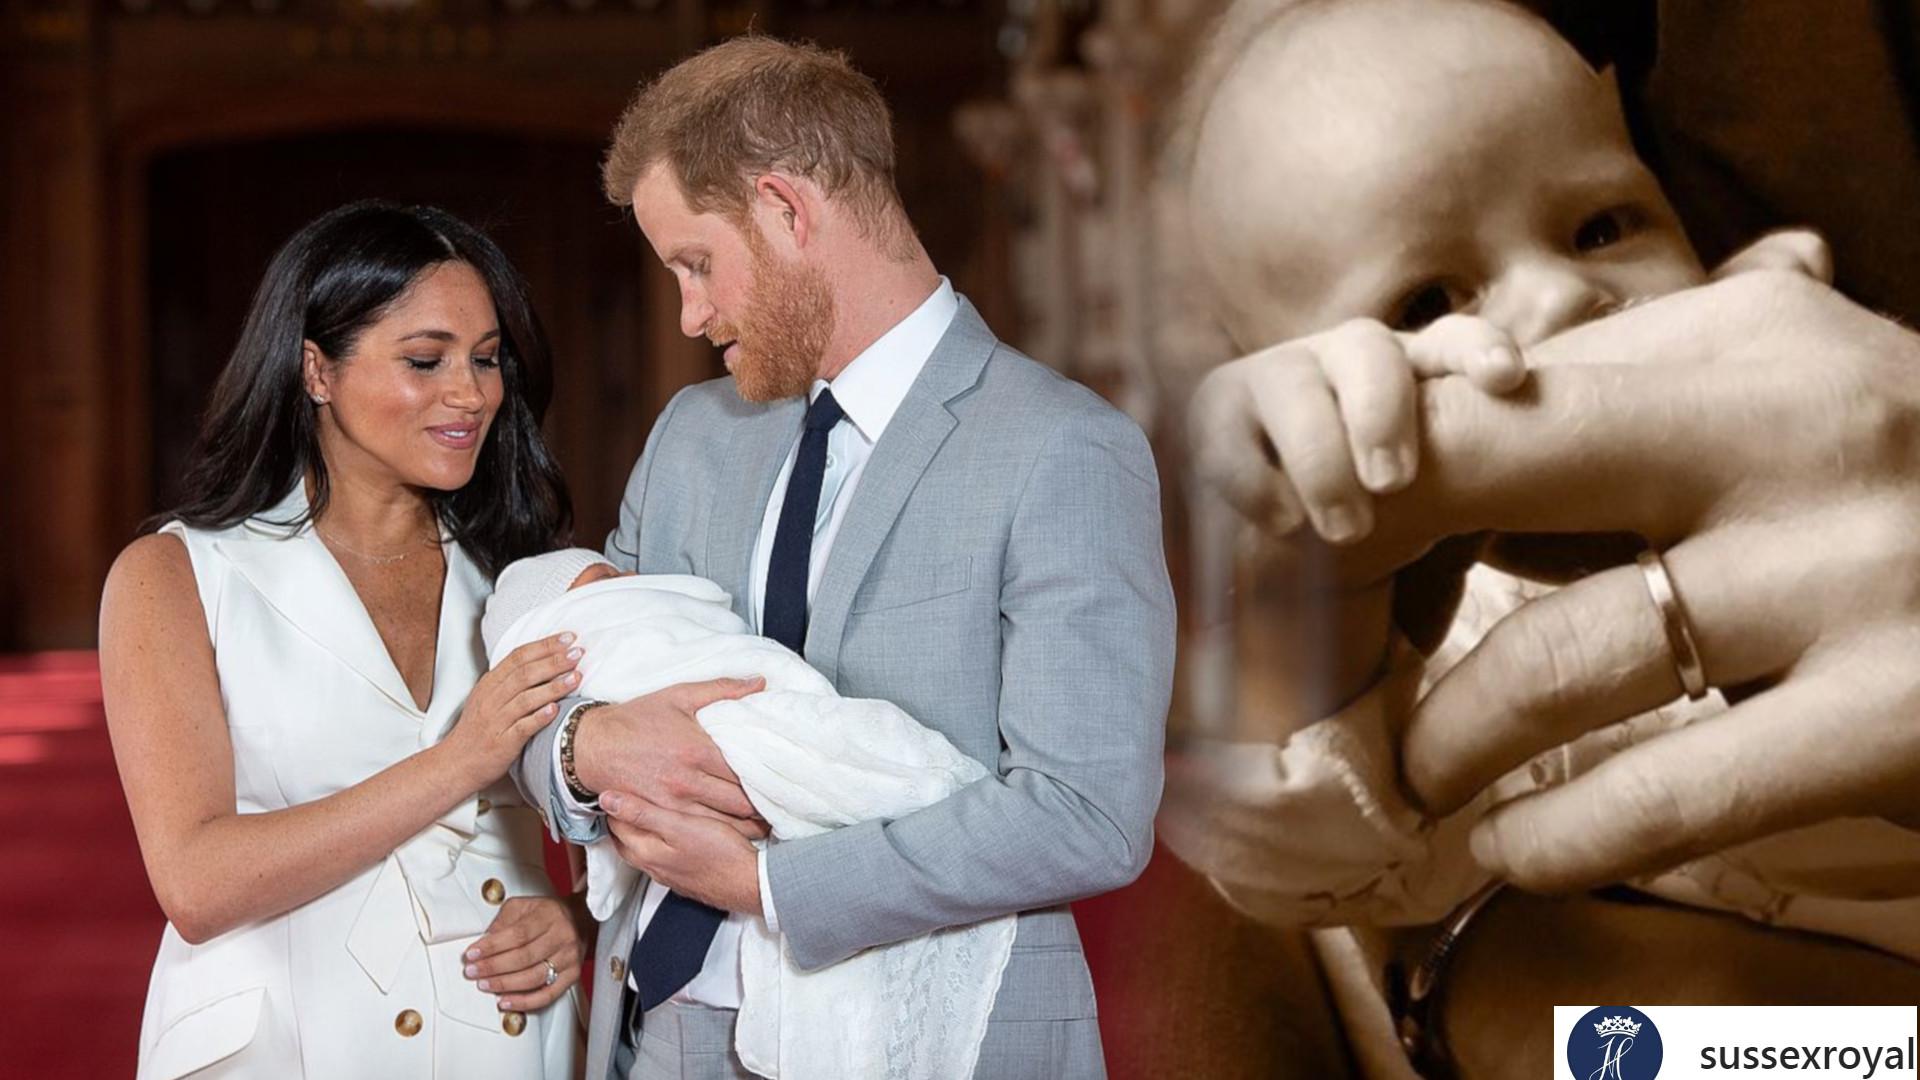 Książę Harry powiedział ważną rzecz na temat WYGLĄDU swojego syna Archiego